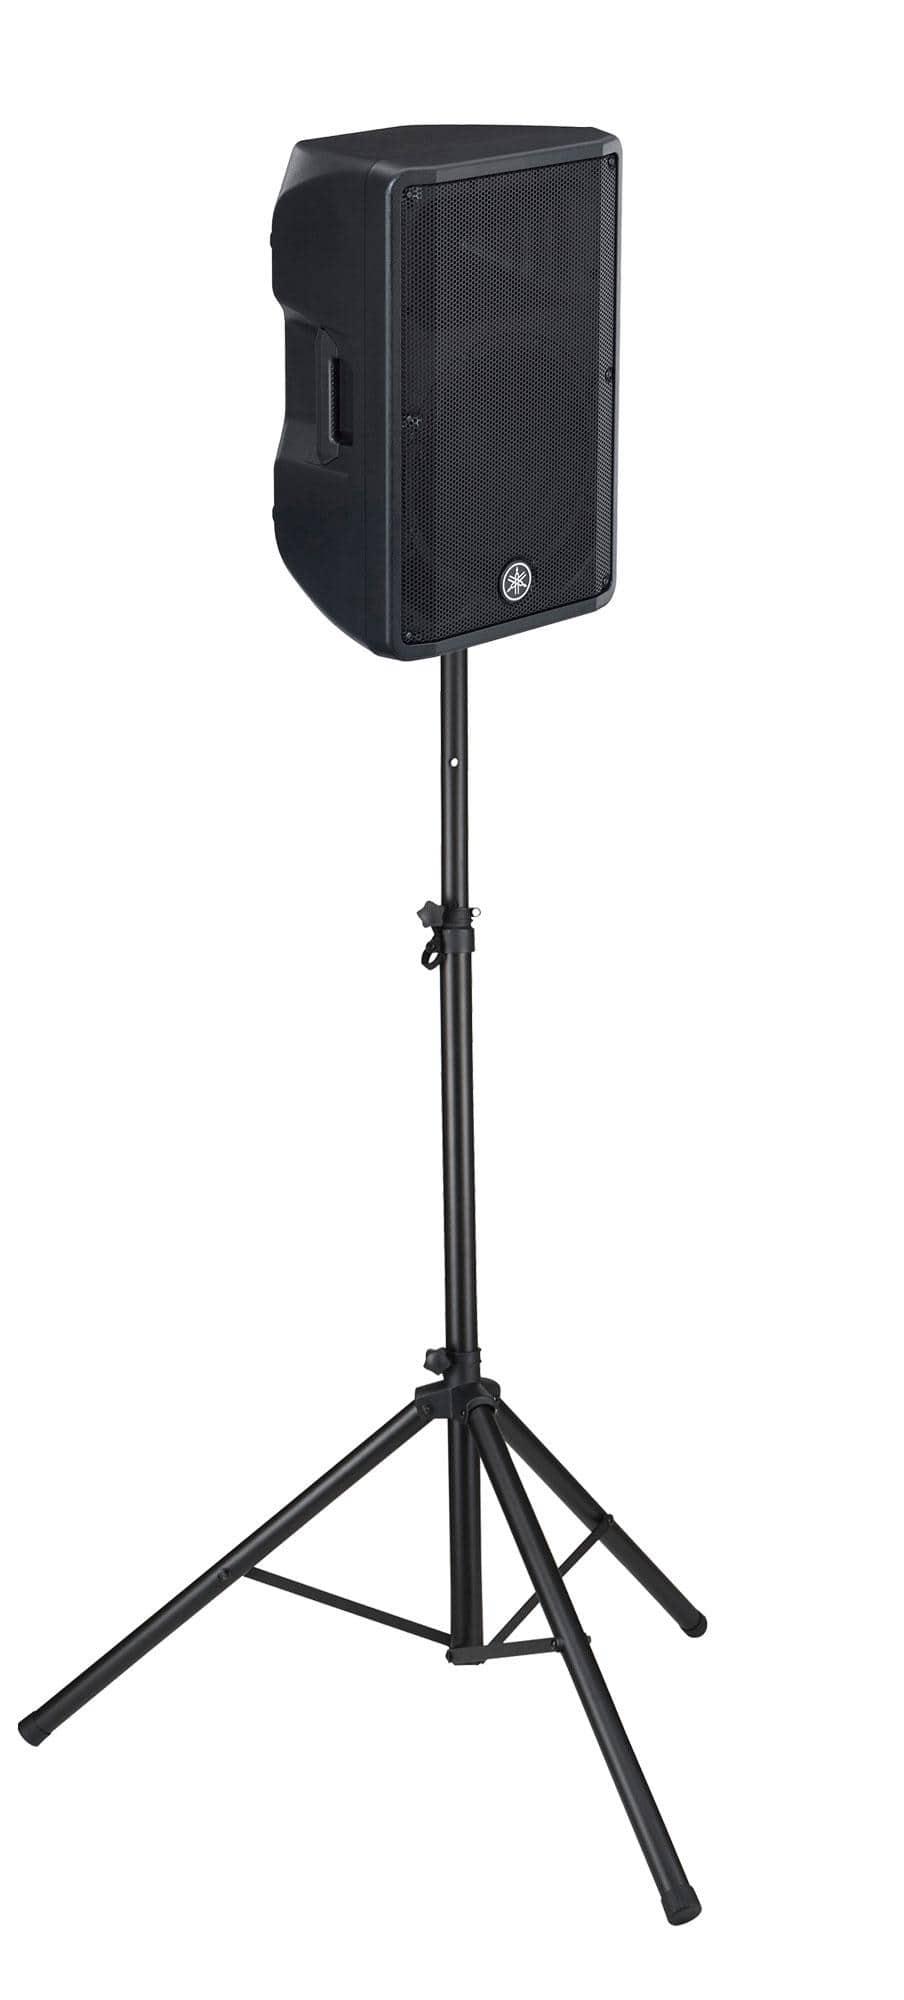 Paboxen - Yamaha DBR12 Aktiv Box Set inkl. Stativ - Onlineshop Musikhaus Kirstein